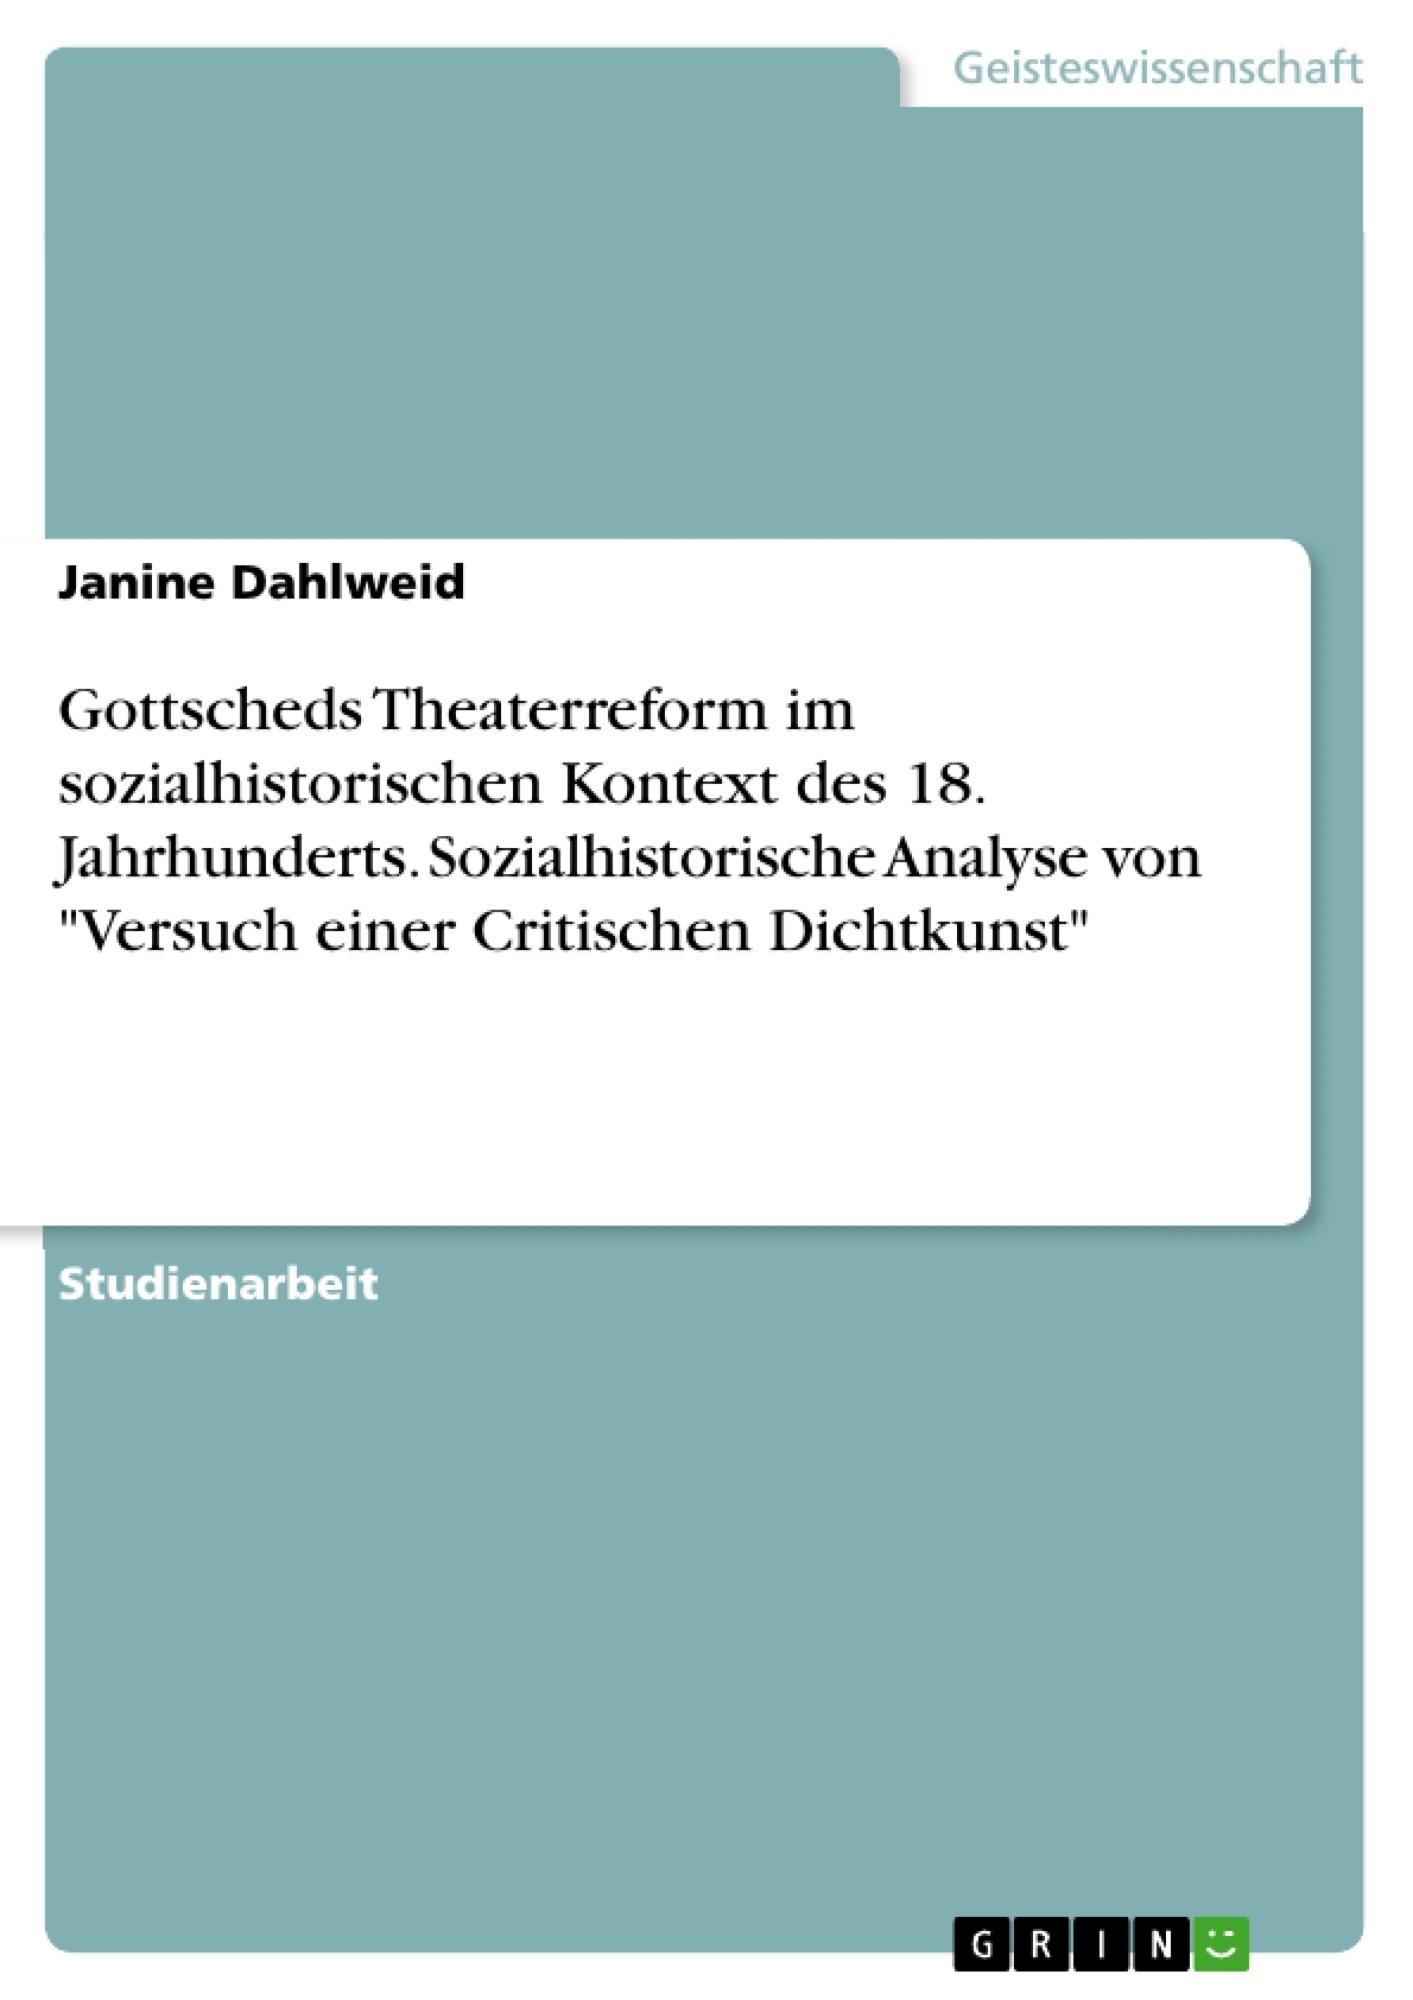 """Titel: Gottscheds Theaterreform im sozialhistorischen Kontext des 18. Jahrhunderts. Sozialhistorische Analyse von """"Versuch einer Critischen Dichtkunst"""""""